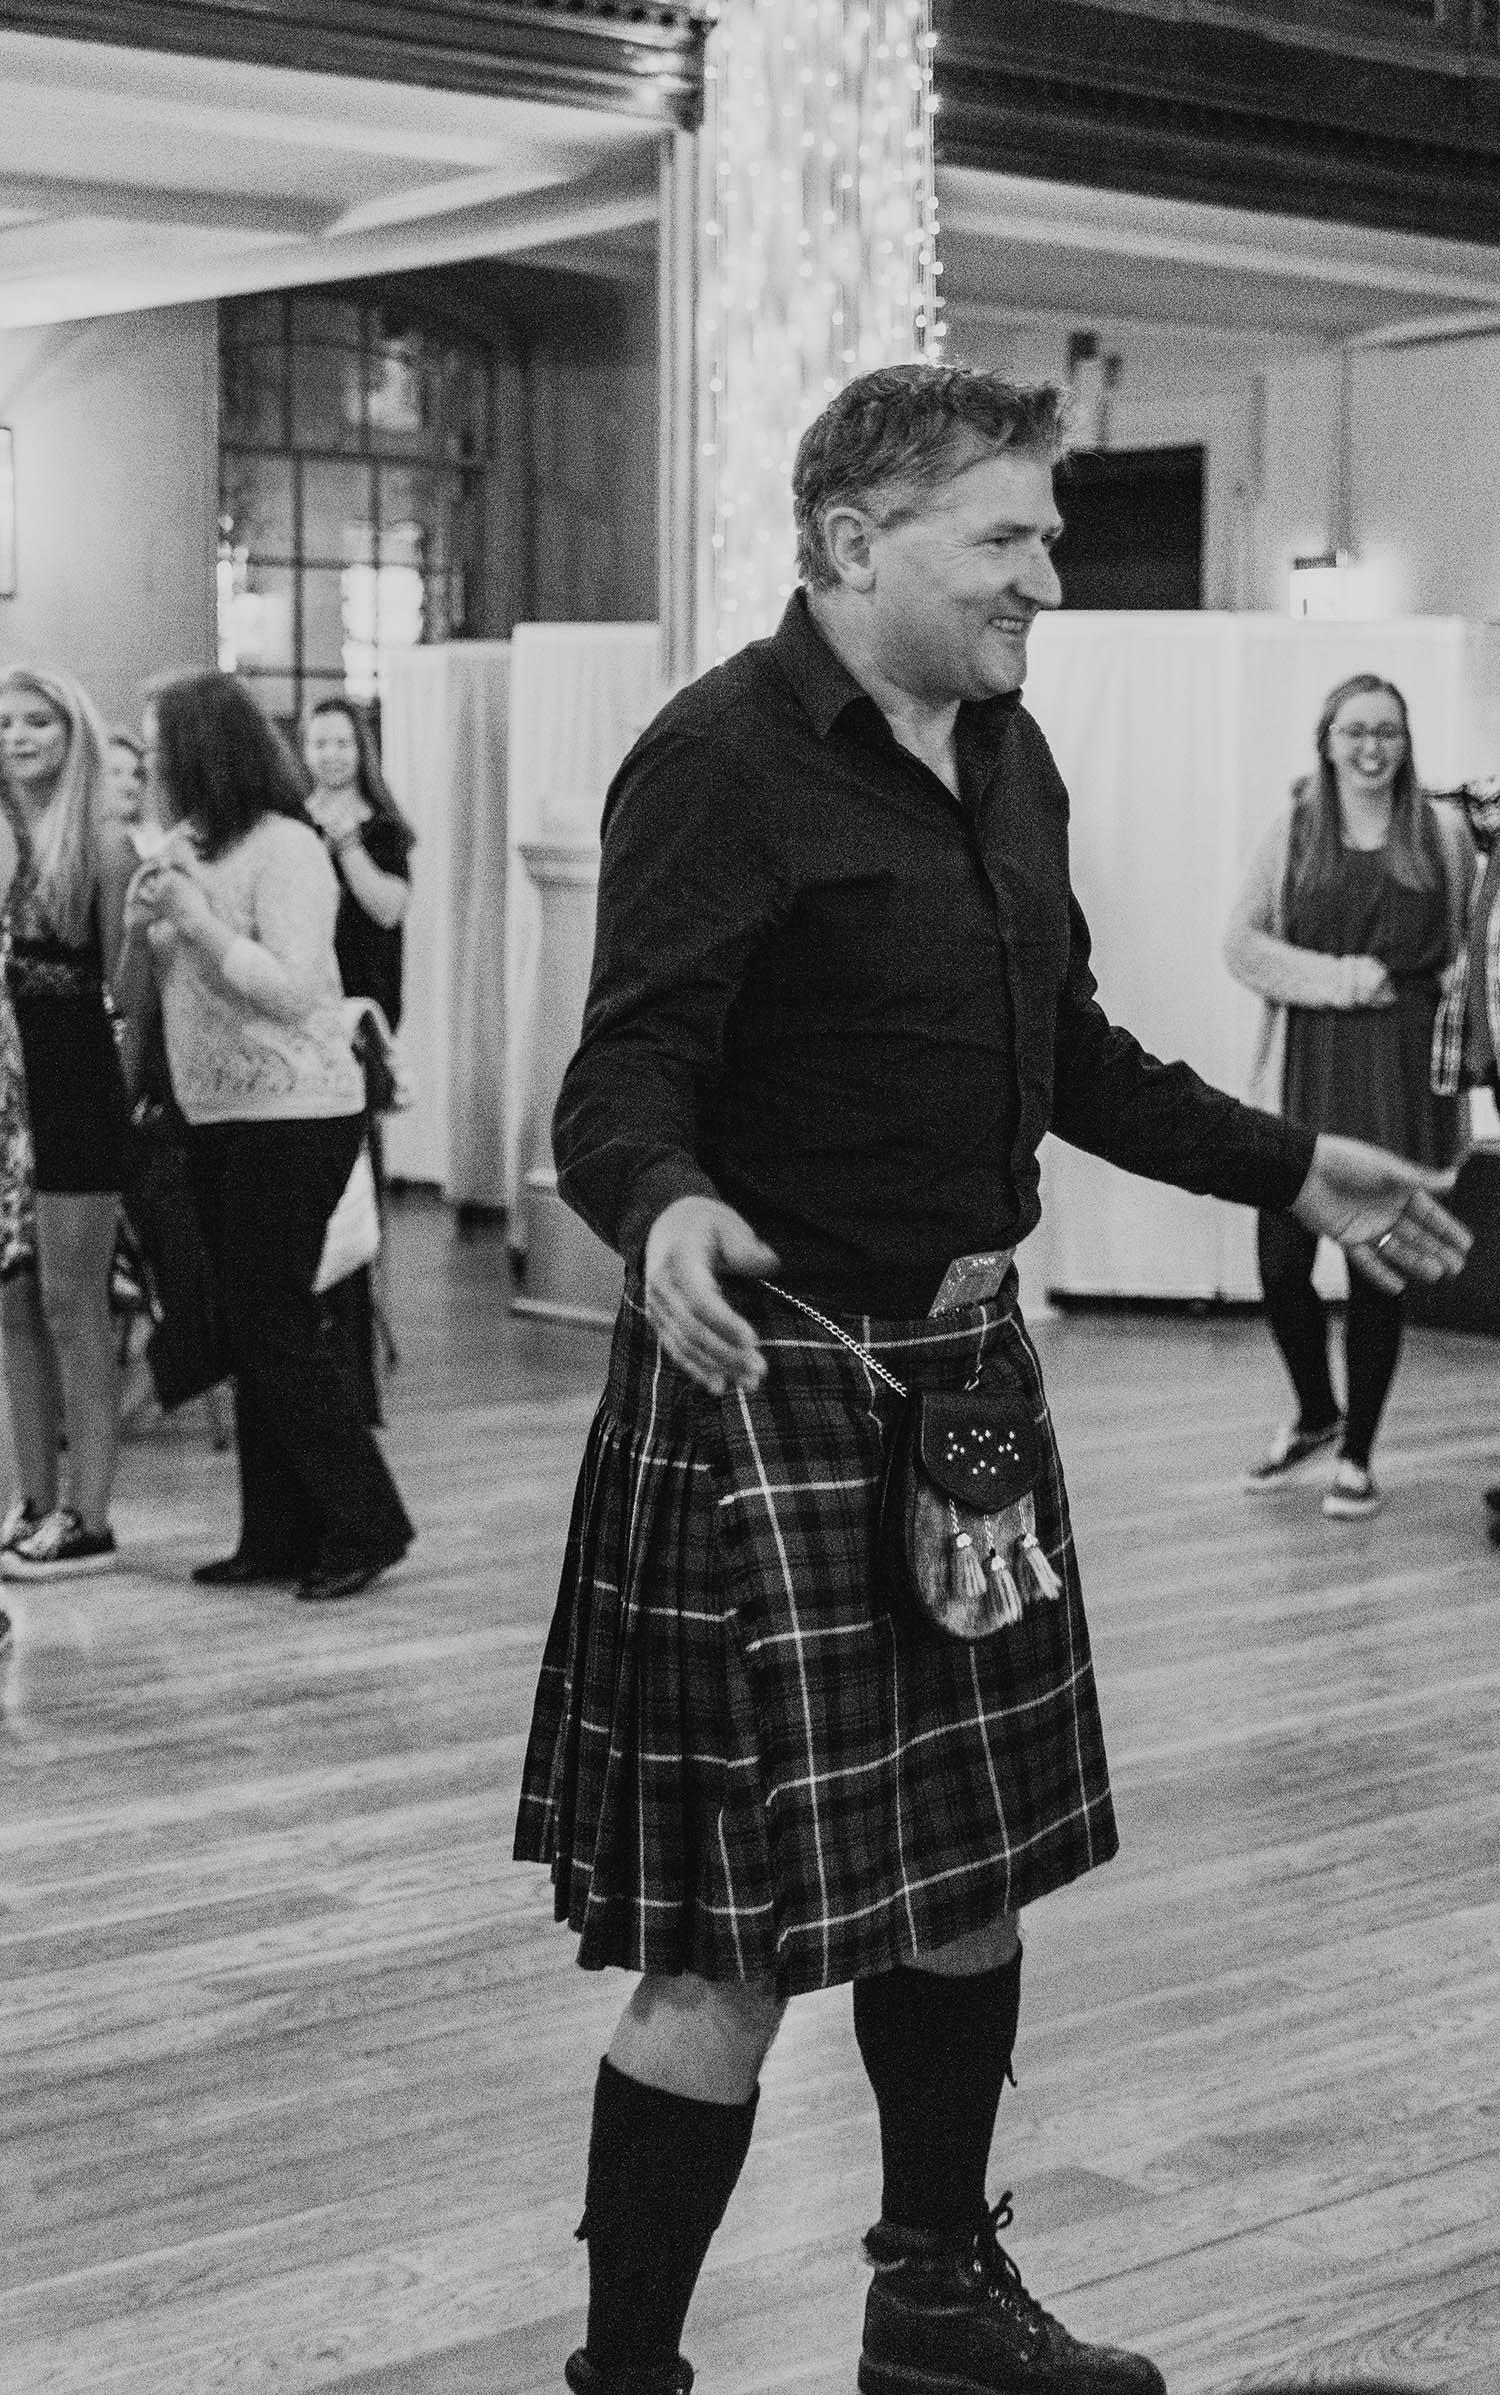 Kilt Outfit, Glasgow, Scotland